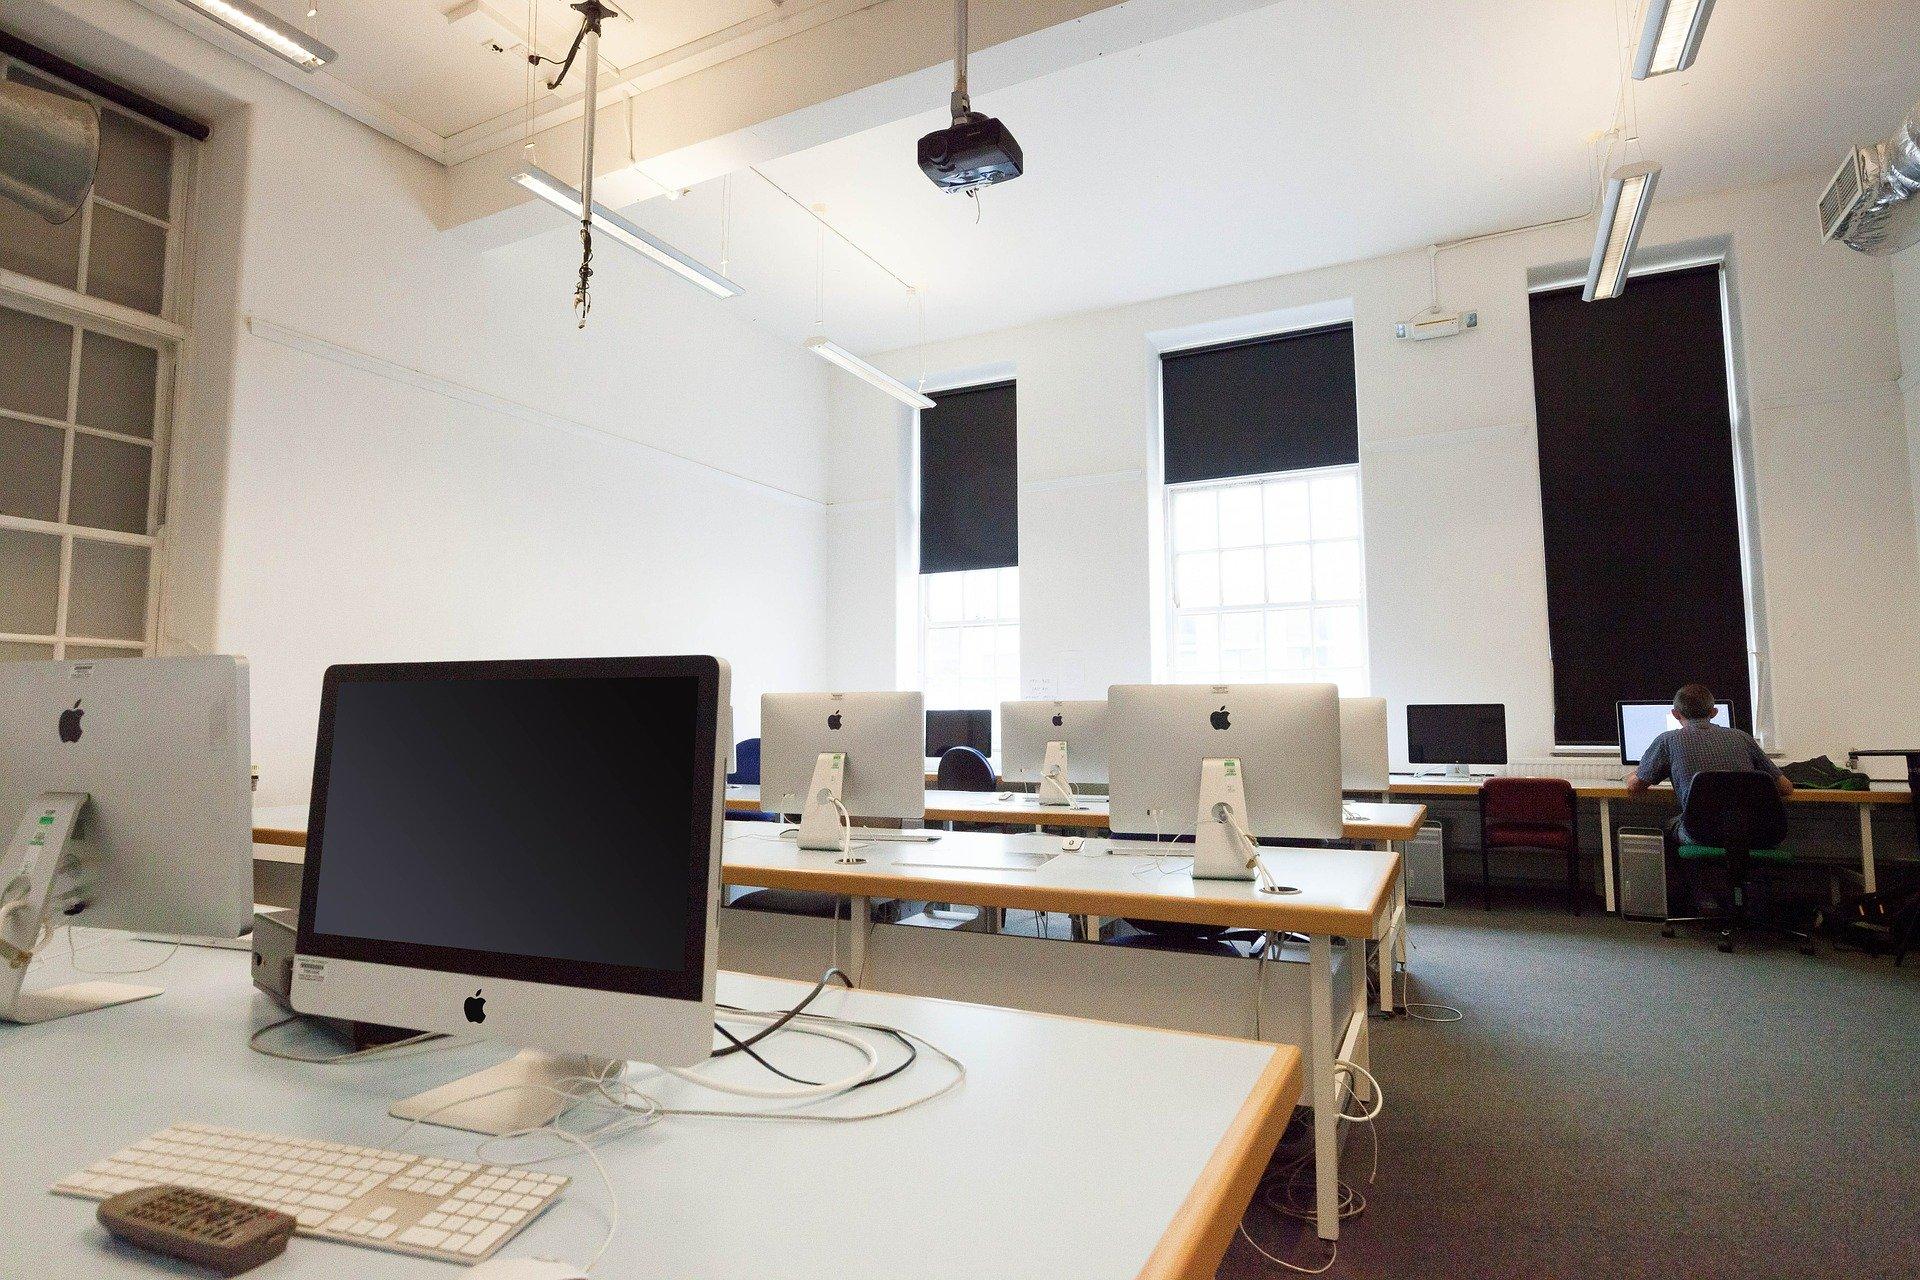 Bureau d'entreprise illustrant le service informatique